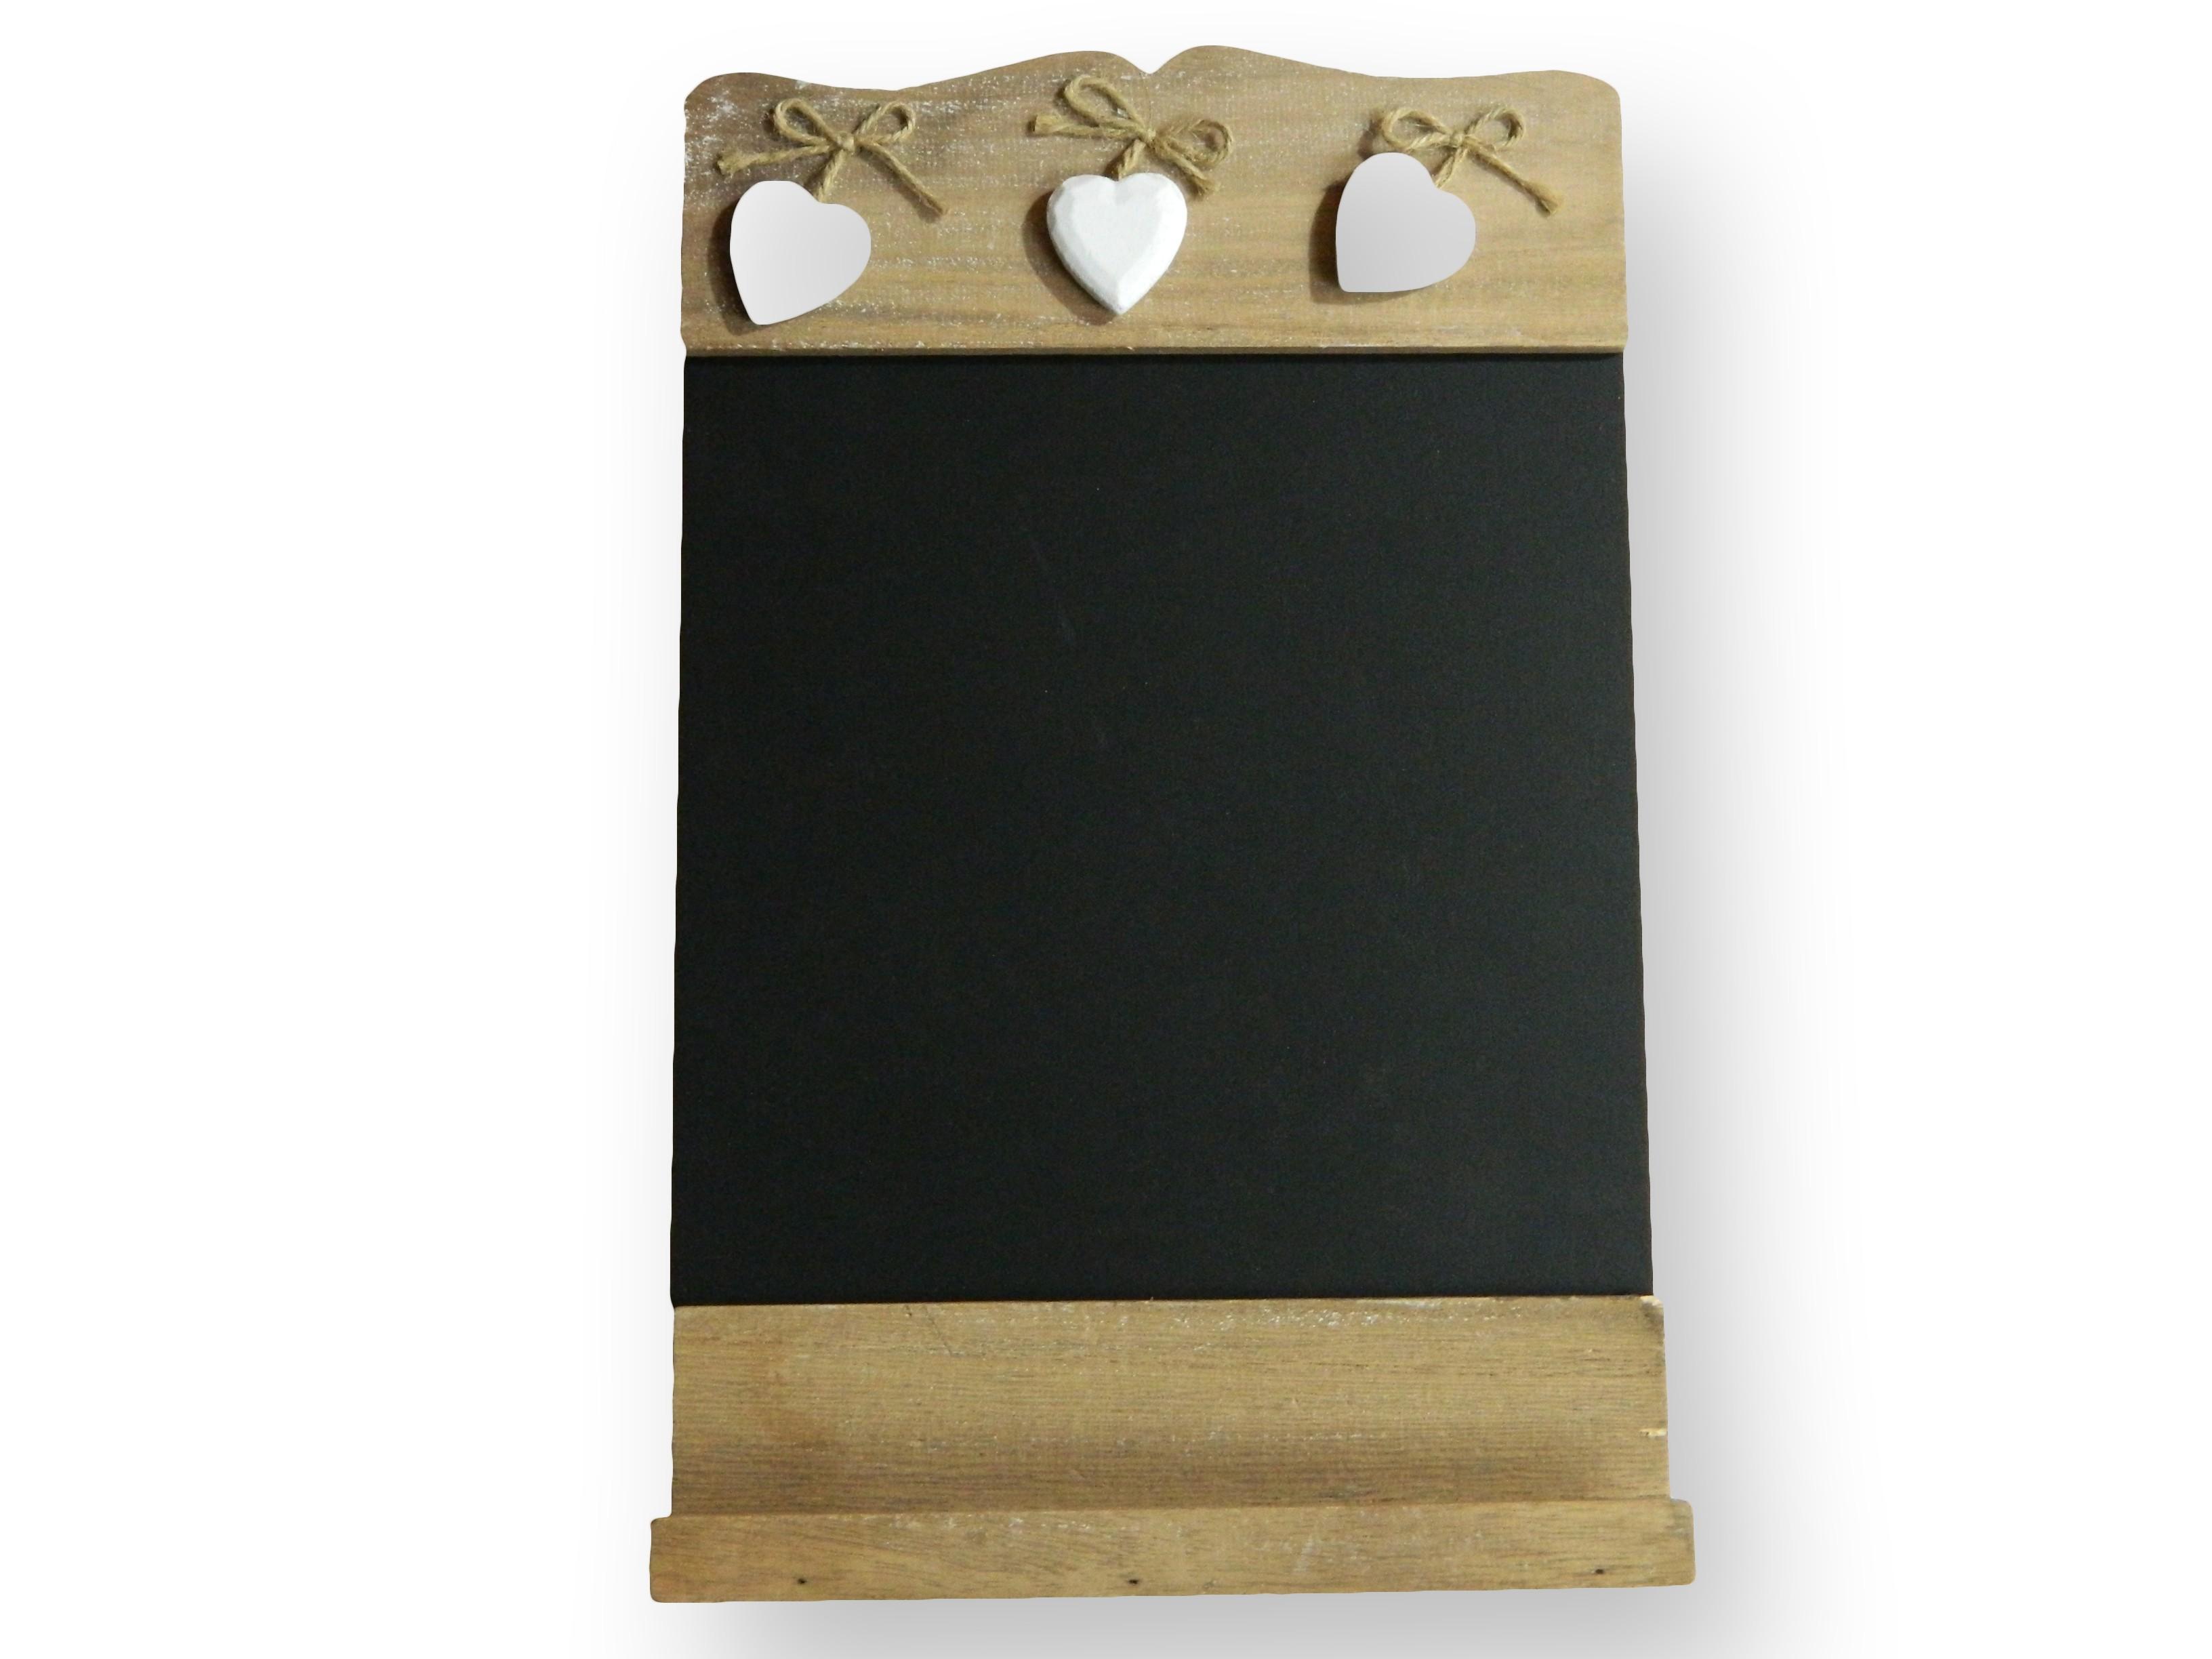 tableau memo rectangle en bois et ardoise pas cher